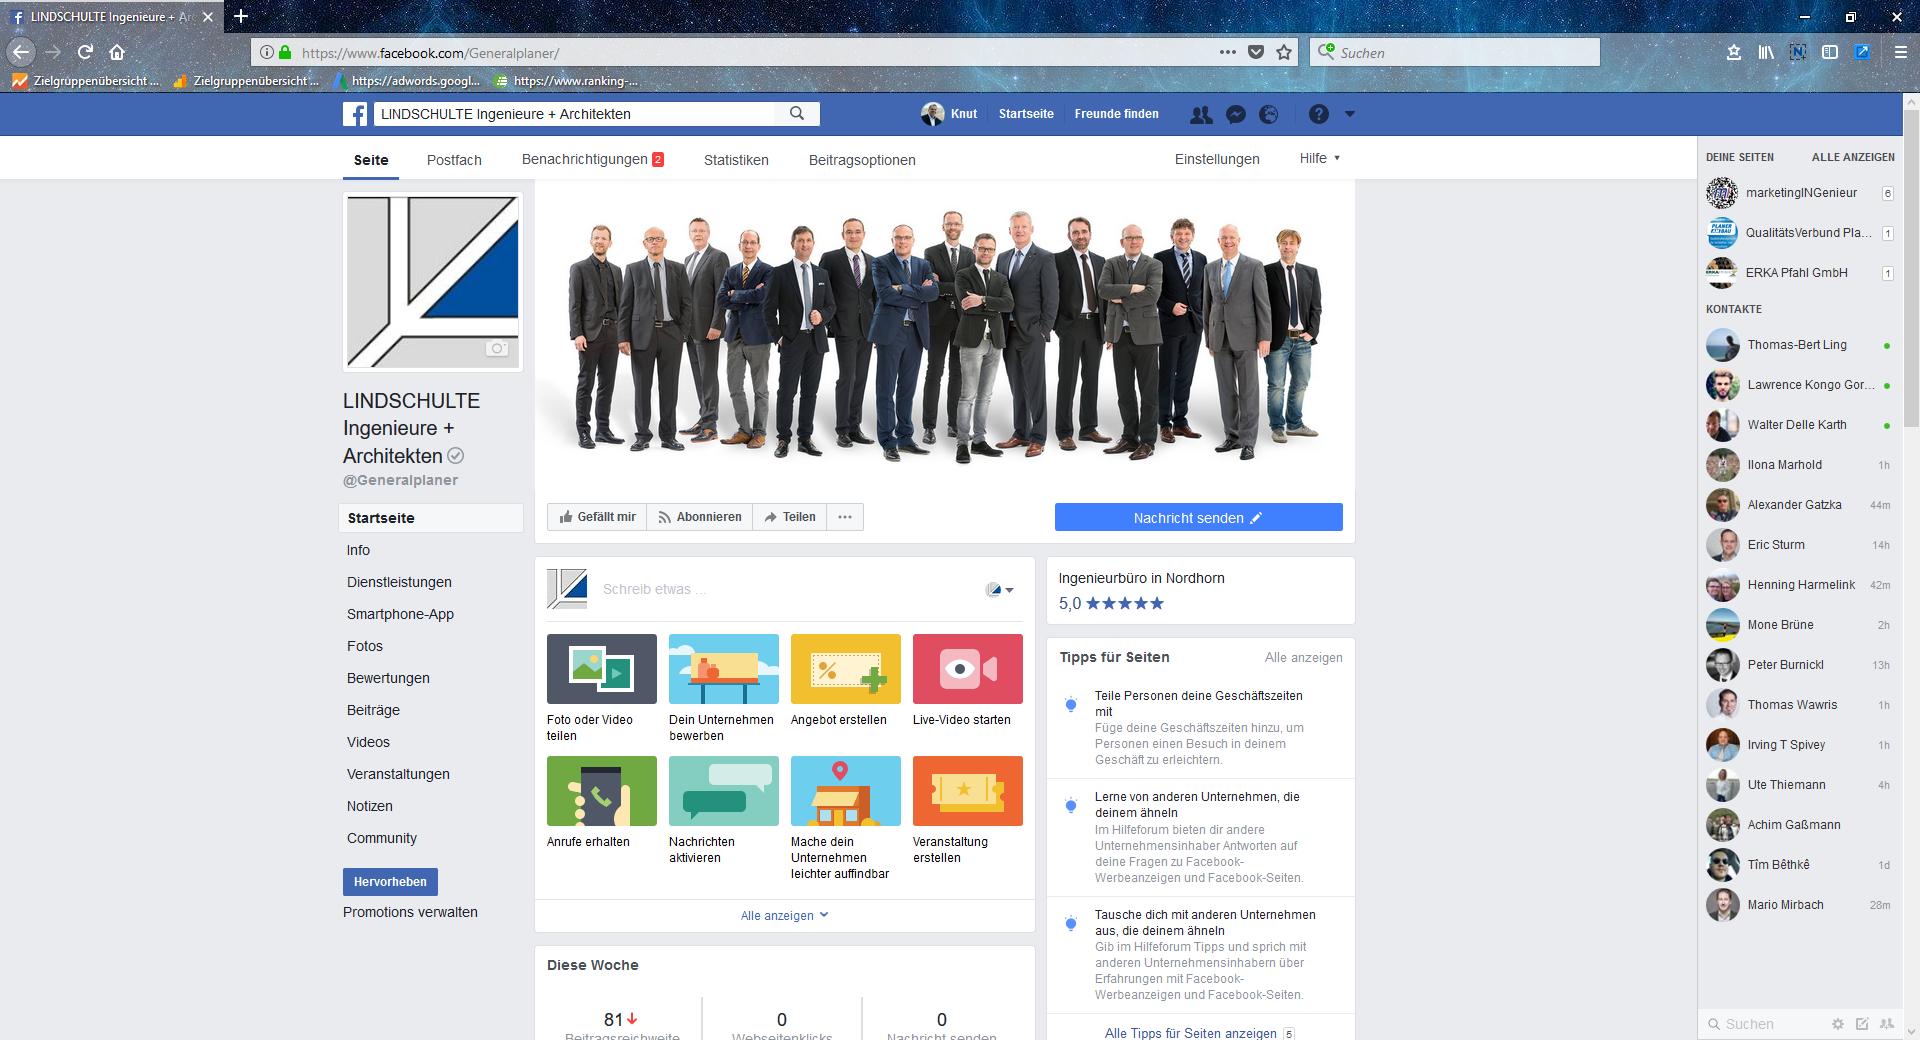 Facebook-Seite LINDSCHULTE Ingenieure + Architekten